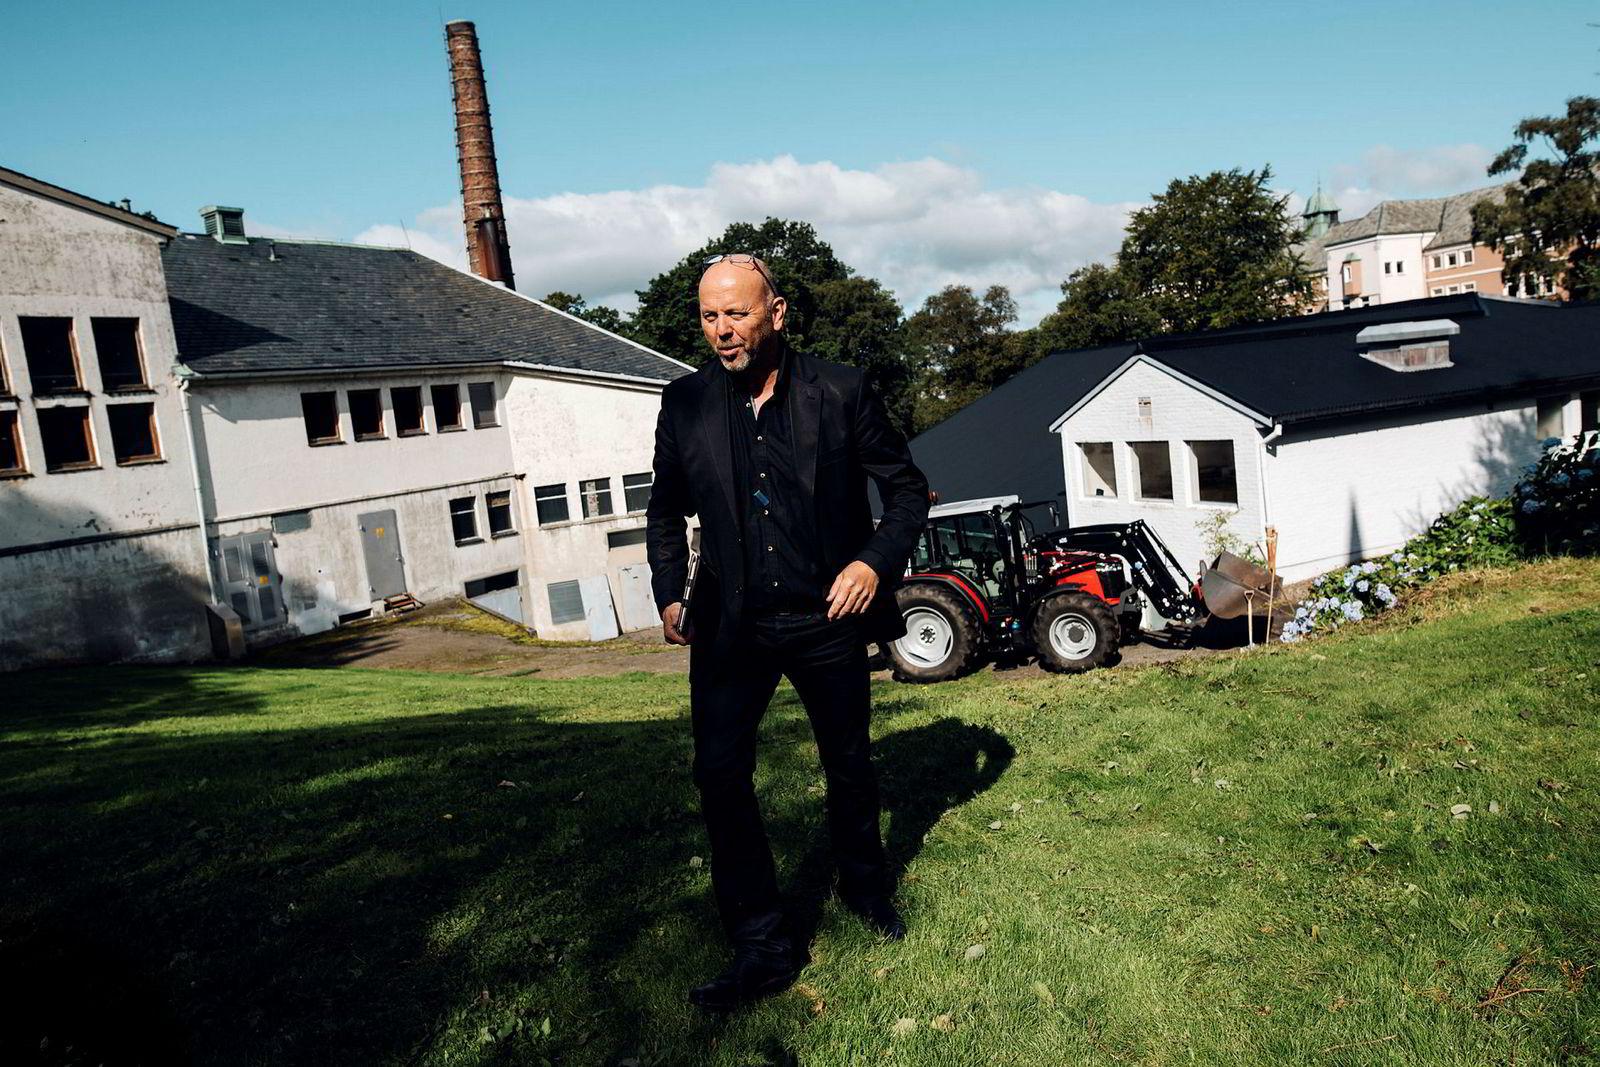 Tirsdag lanserte den lokale industrigründeren Bjørn Rygg fra BR Industrier de nye planene for utbyggingen av det gamle sykehusområdet på Dale, et område han fikk kjøpe for 32 millioner kroner i 2015.